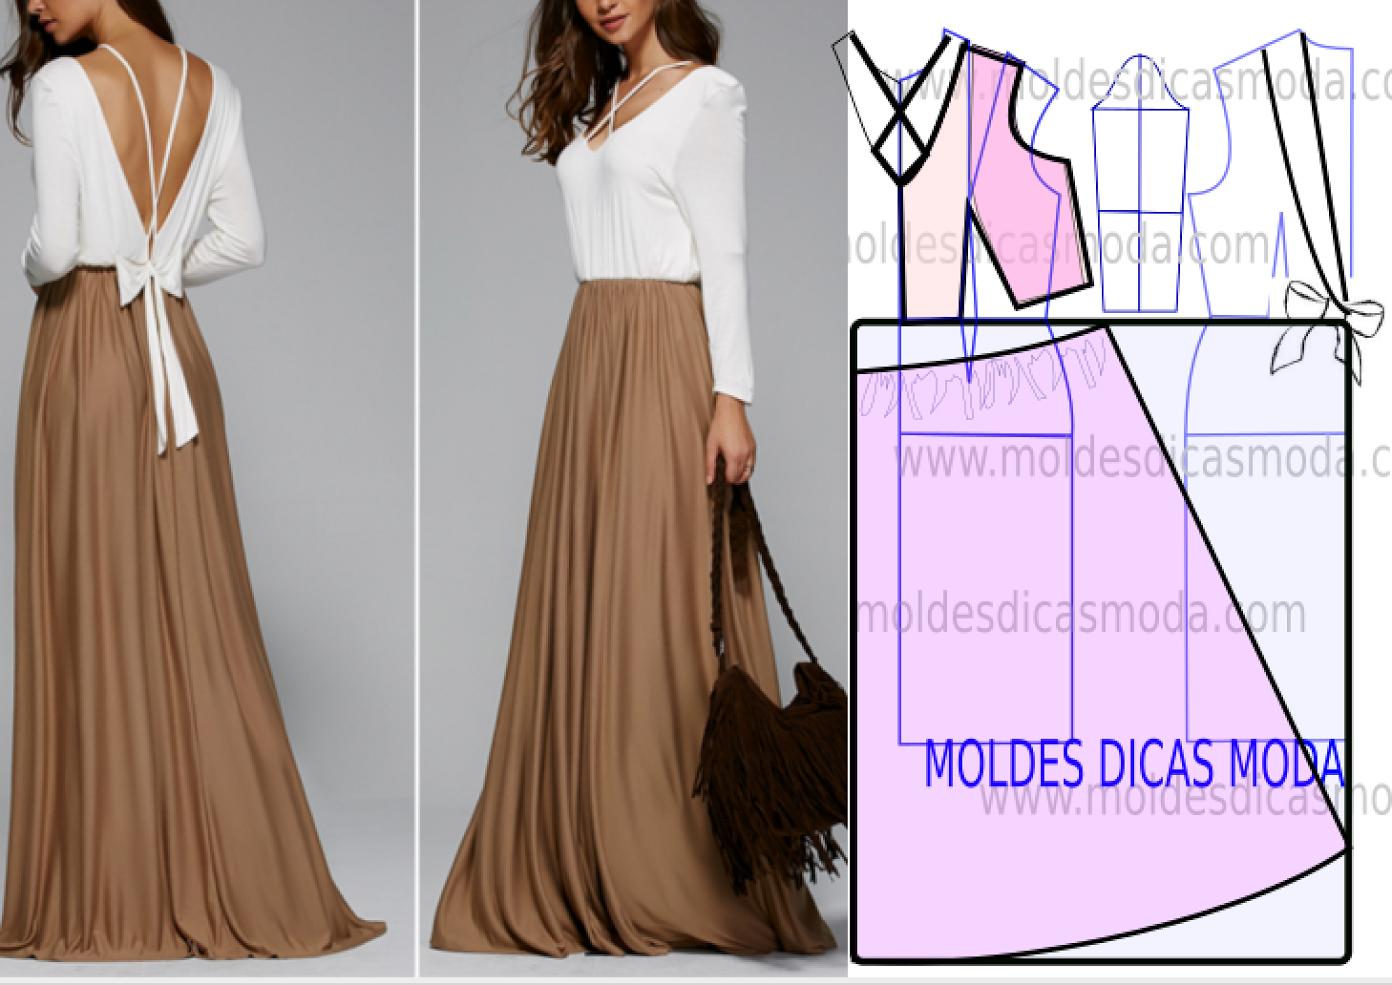 Vestido branco e dourado | Moldes Dicas Moda | Bloglovin'